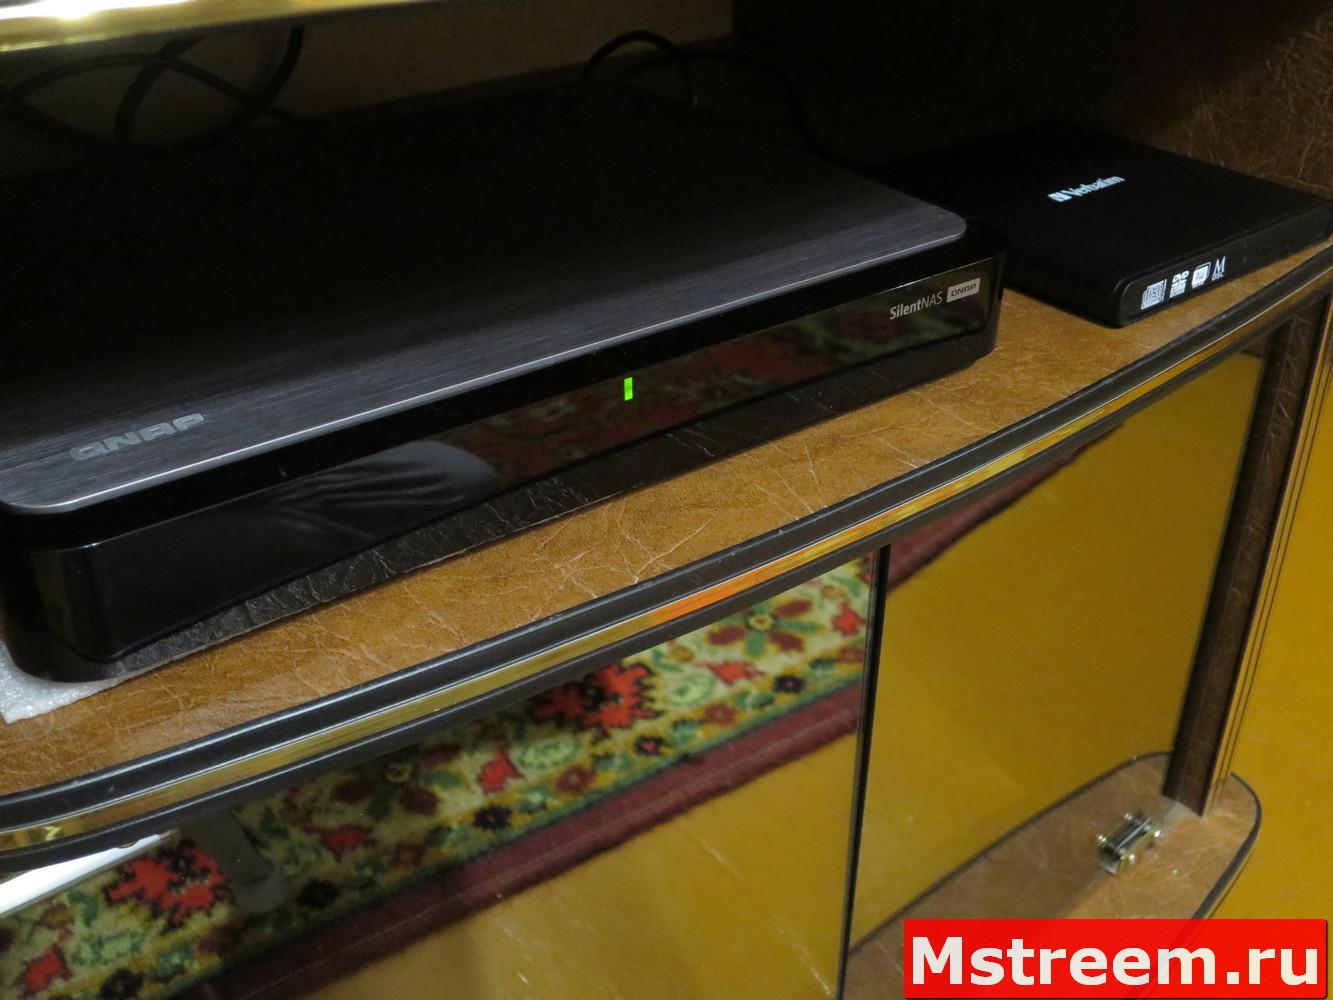 NAS Qnap S2 и Внешний привод оптических дисков CD/DVD Verbatim